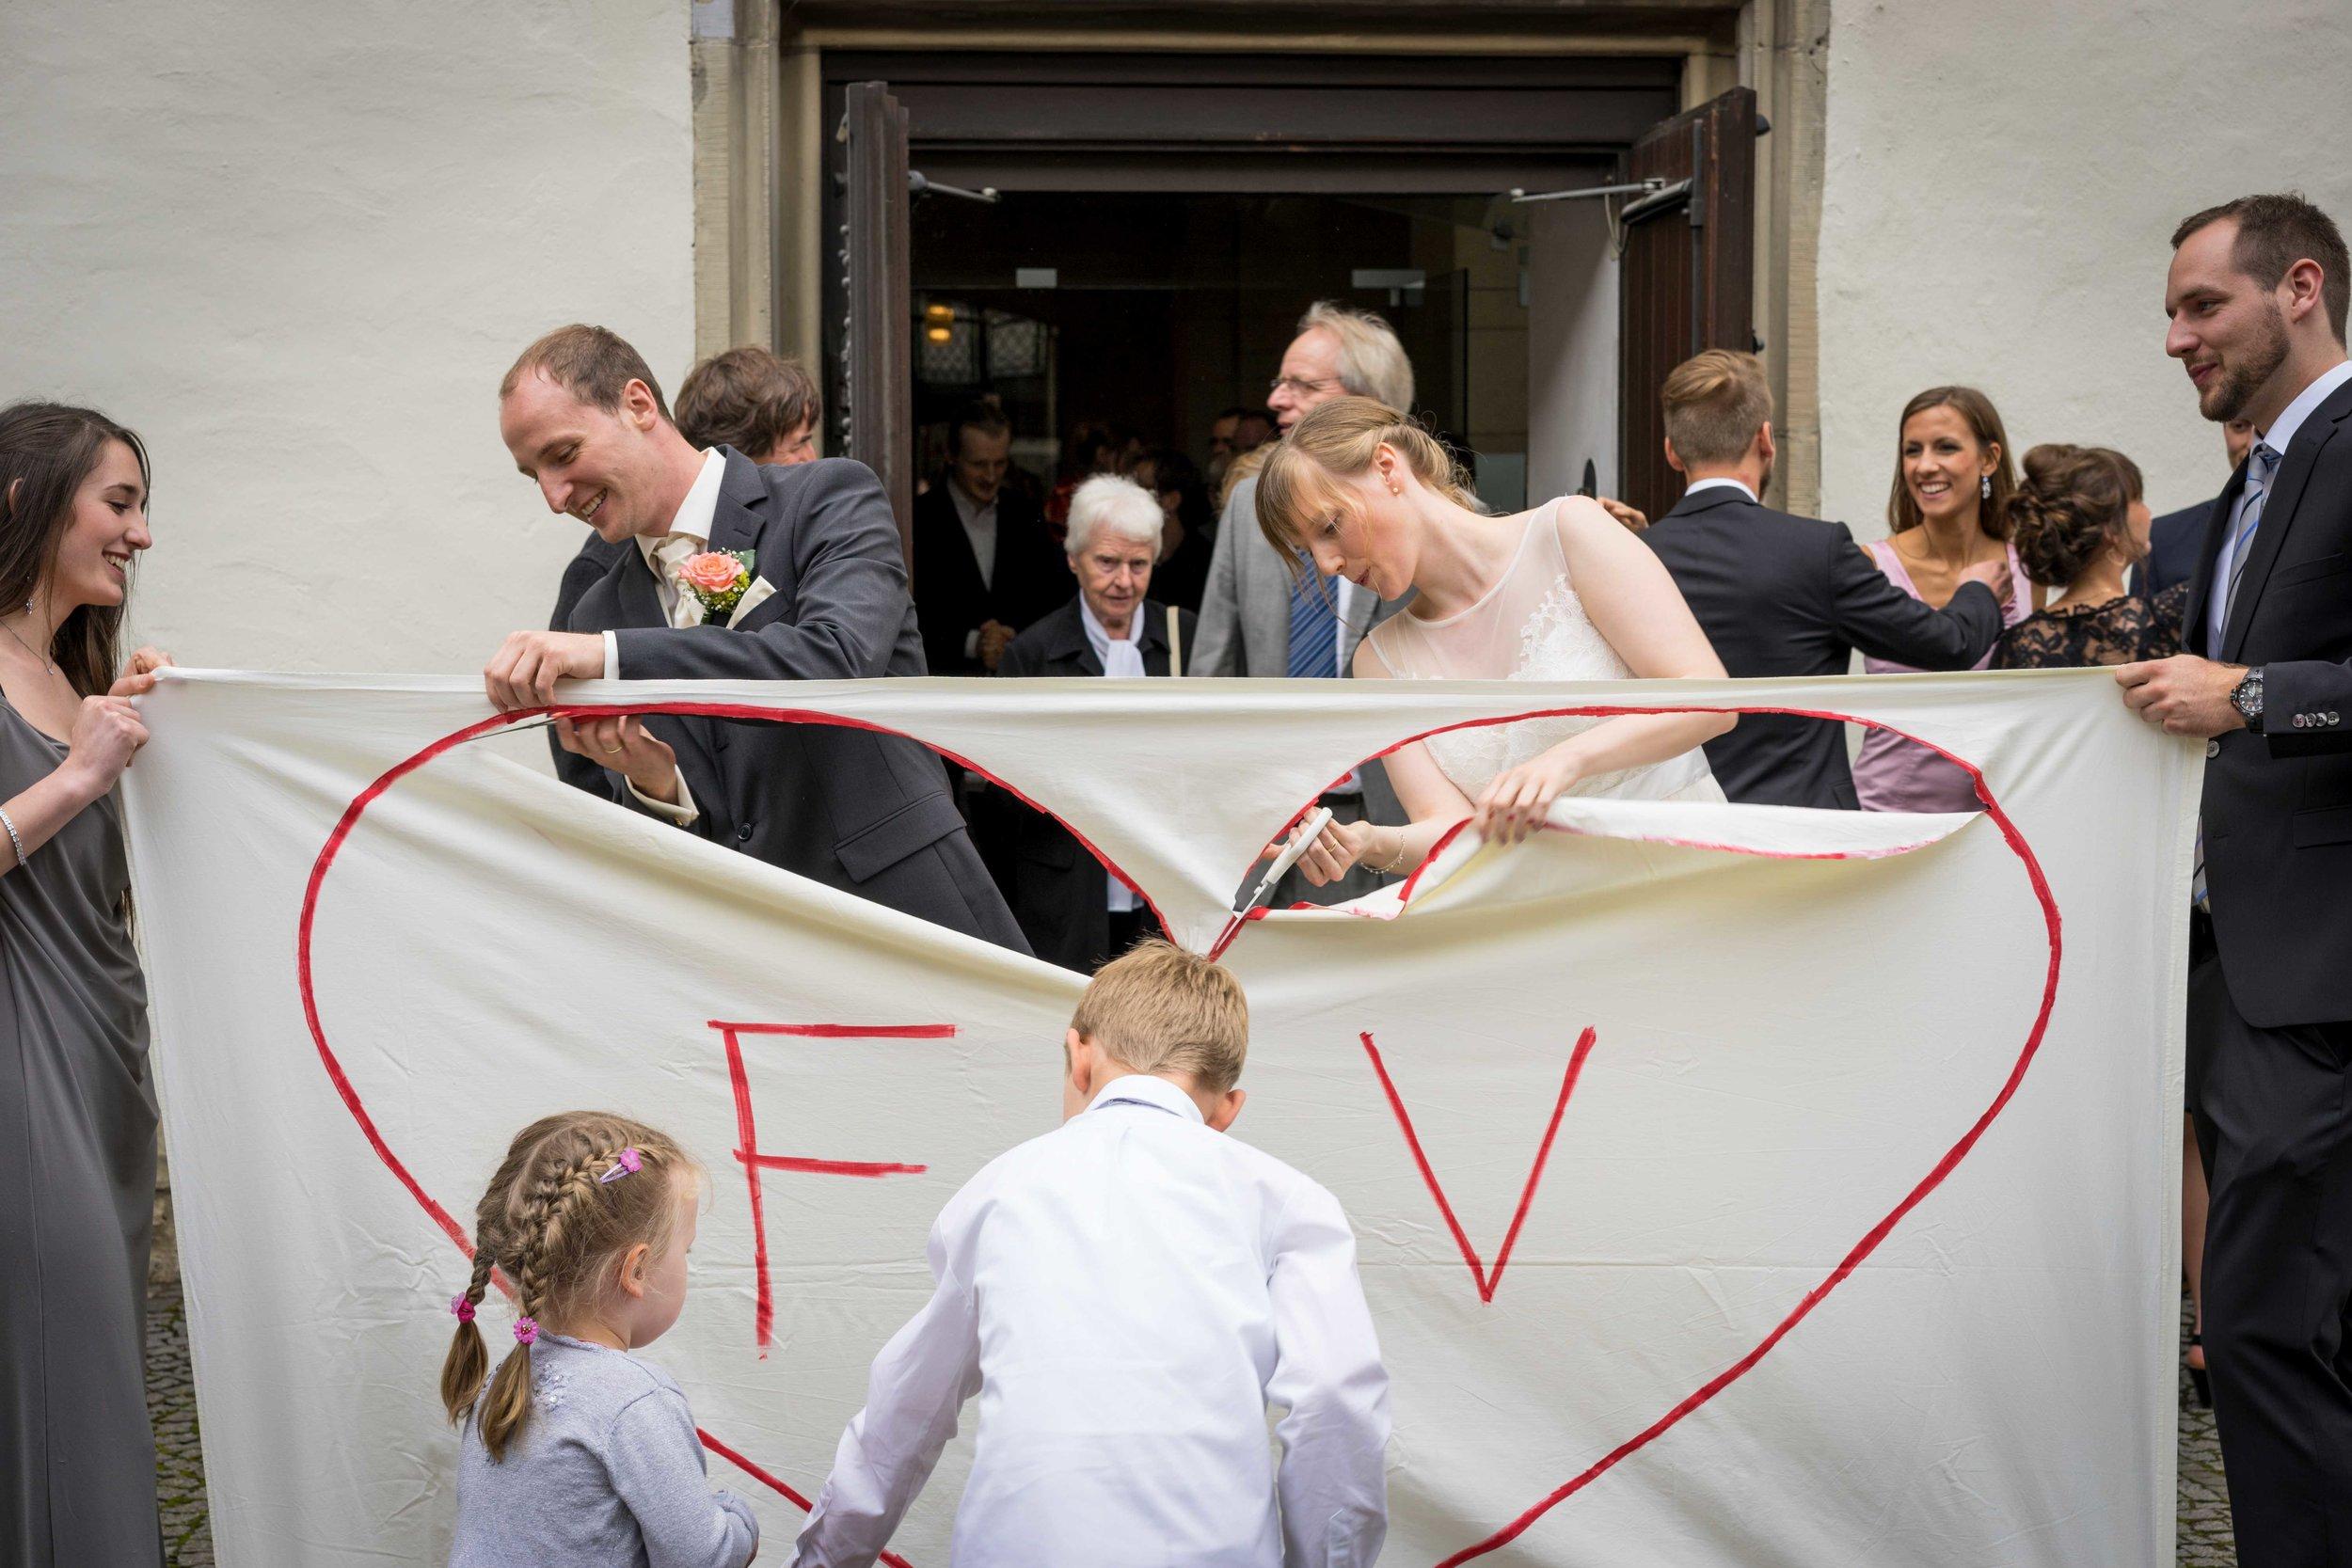 Hochzeit_Frauke_Vincent_219.jpg